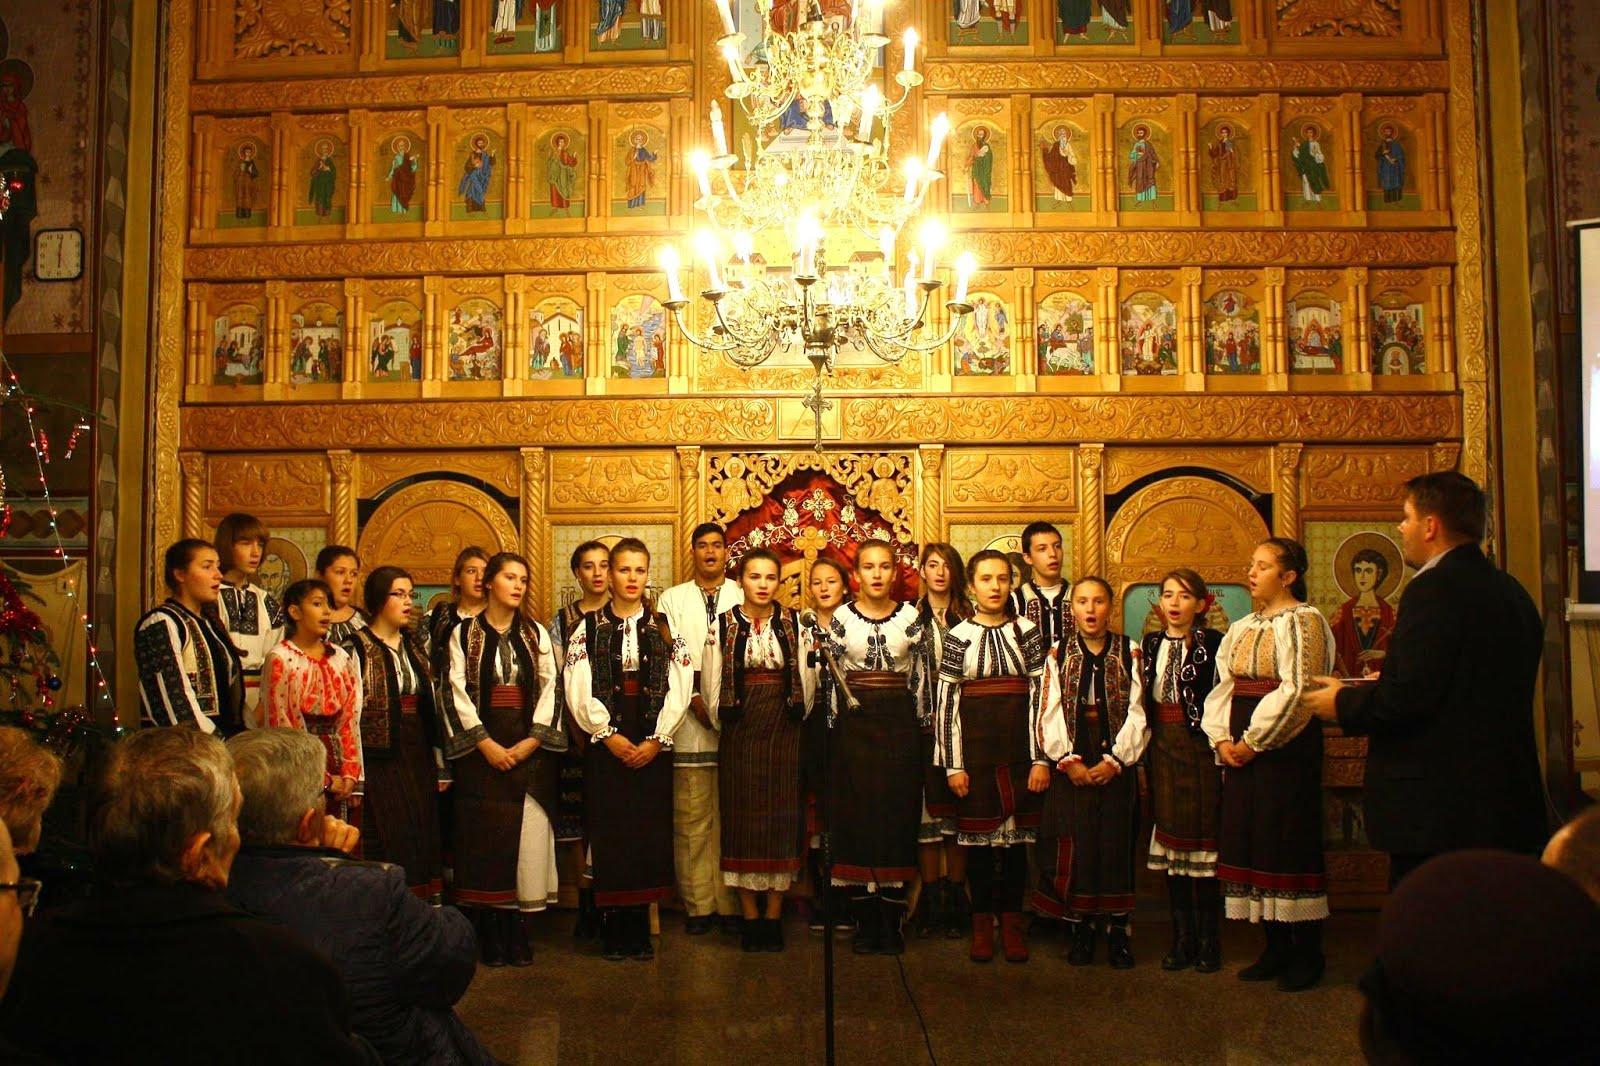 Festivalul CERUL ȘI PĂMÂNTUL - 5 decembrie 2015. Foto: Ana-Alexandra Dobrean